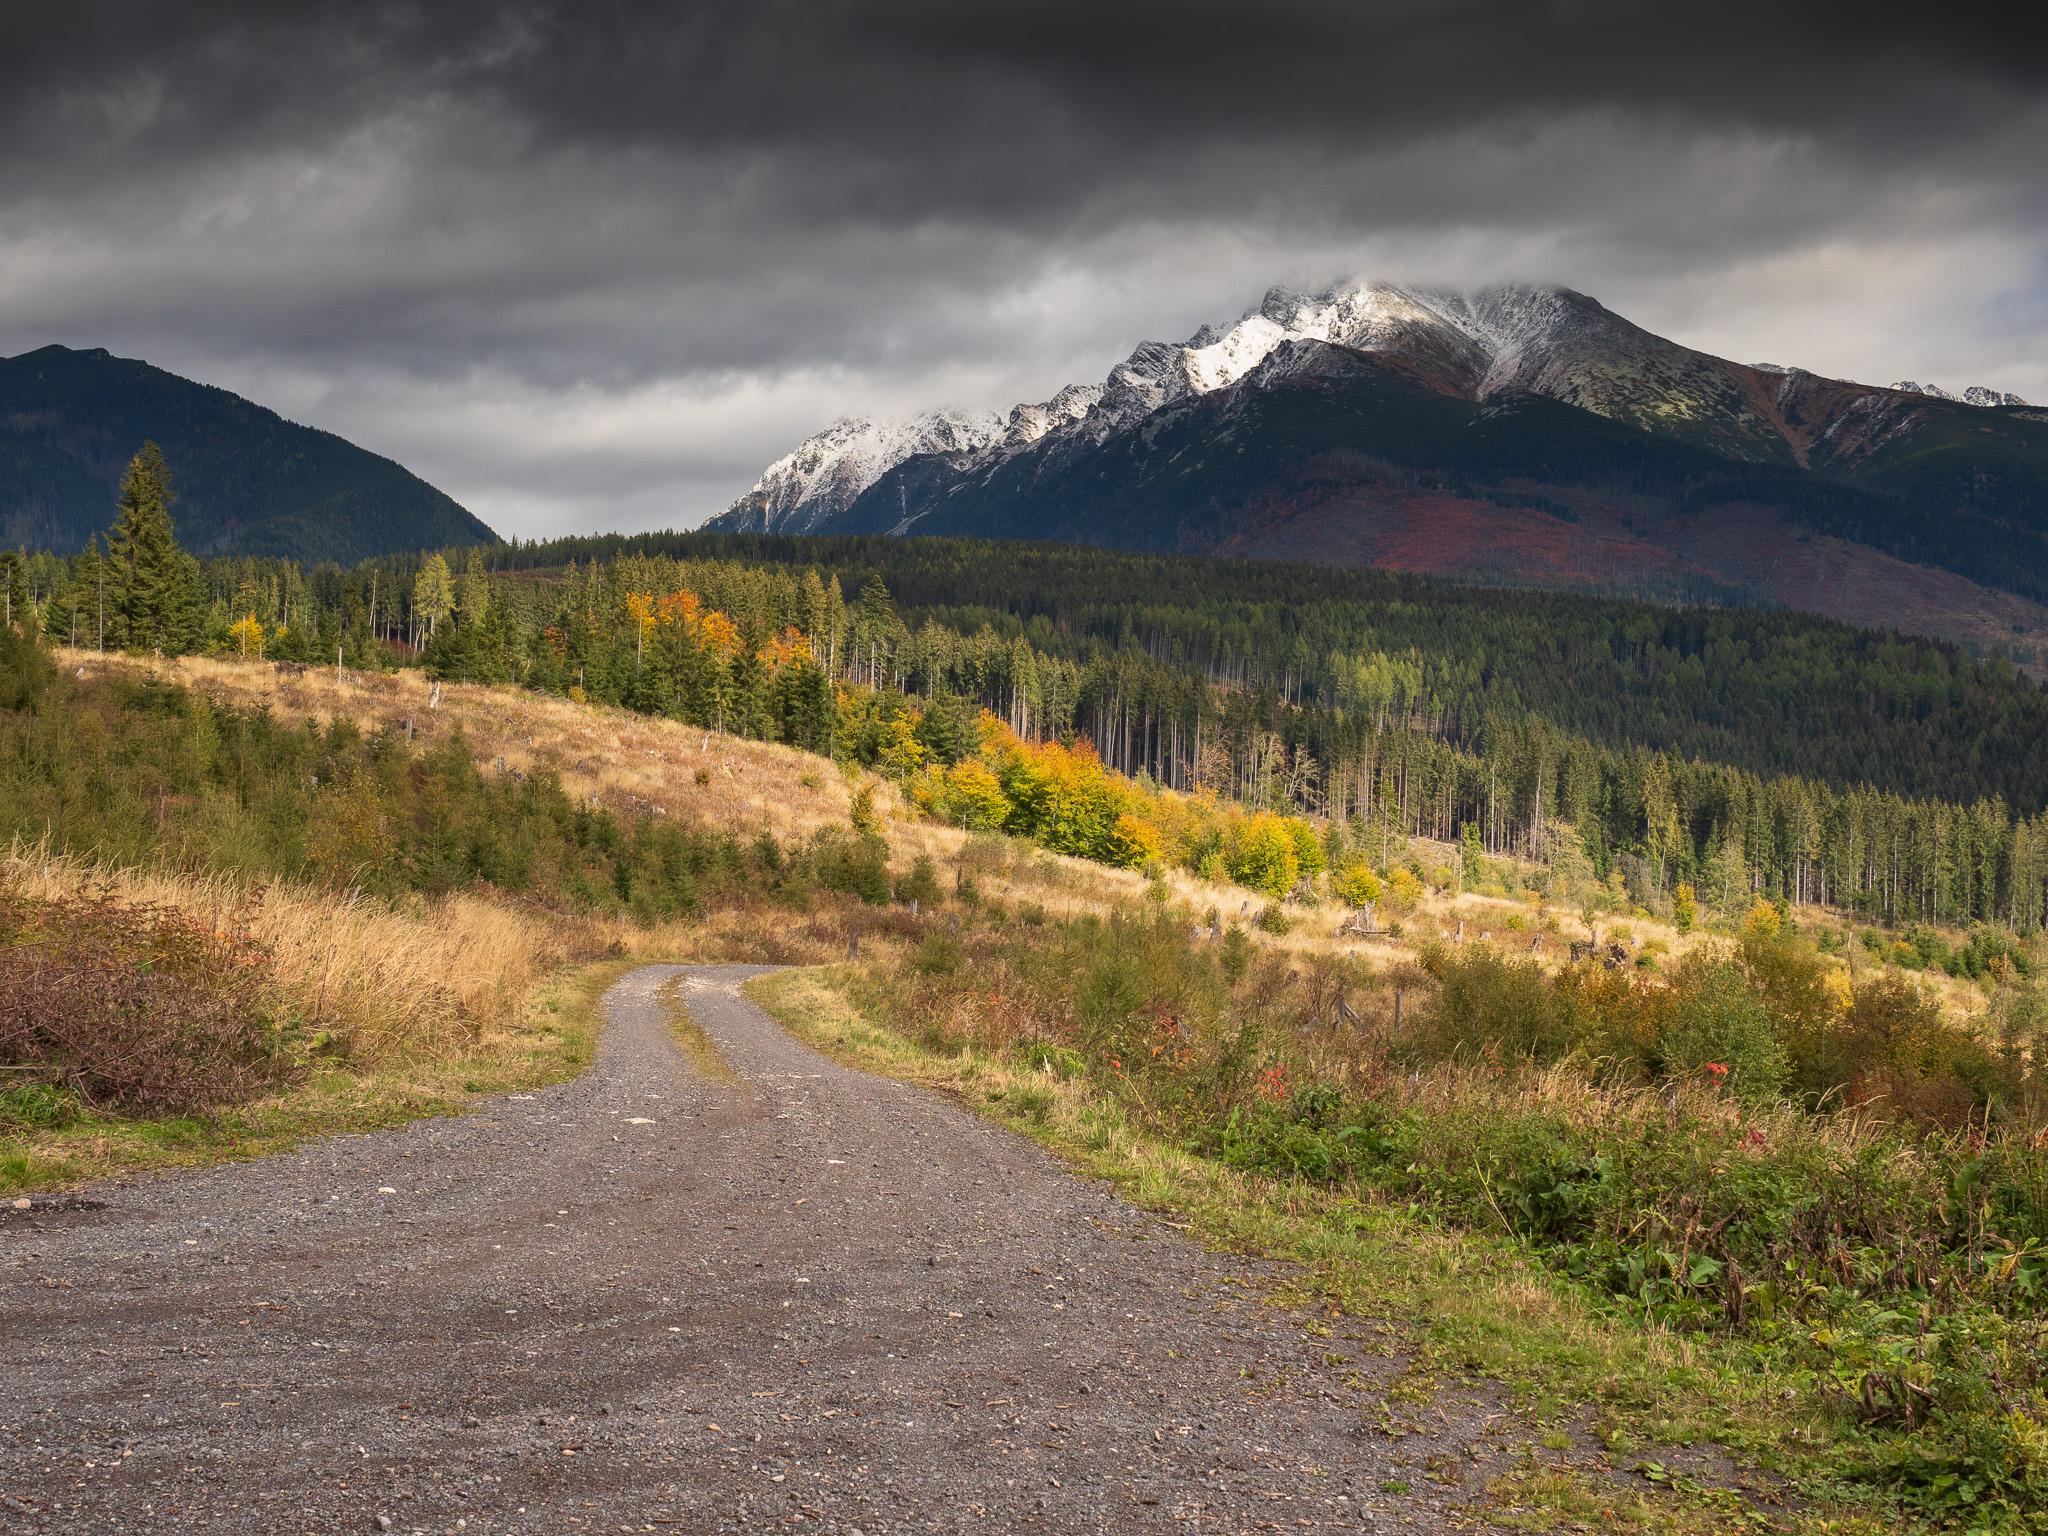 Hora při západu slunce na podzim